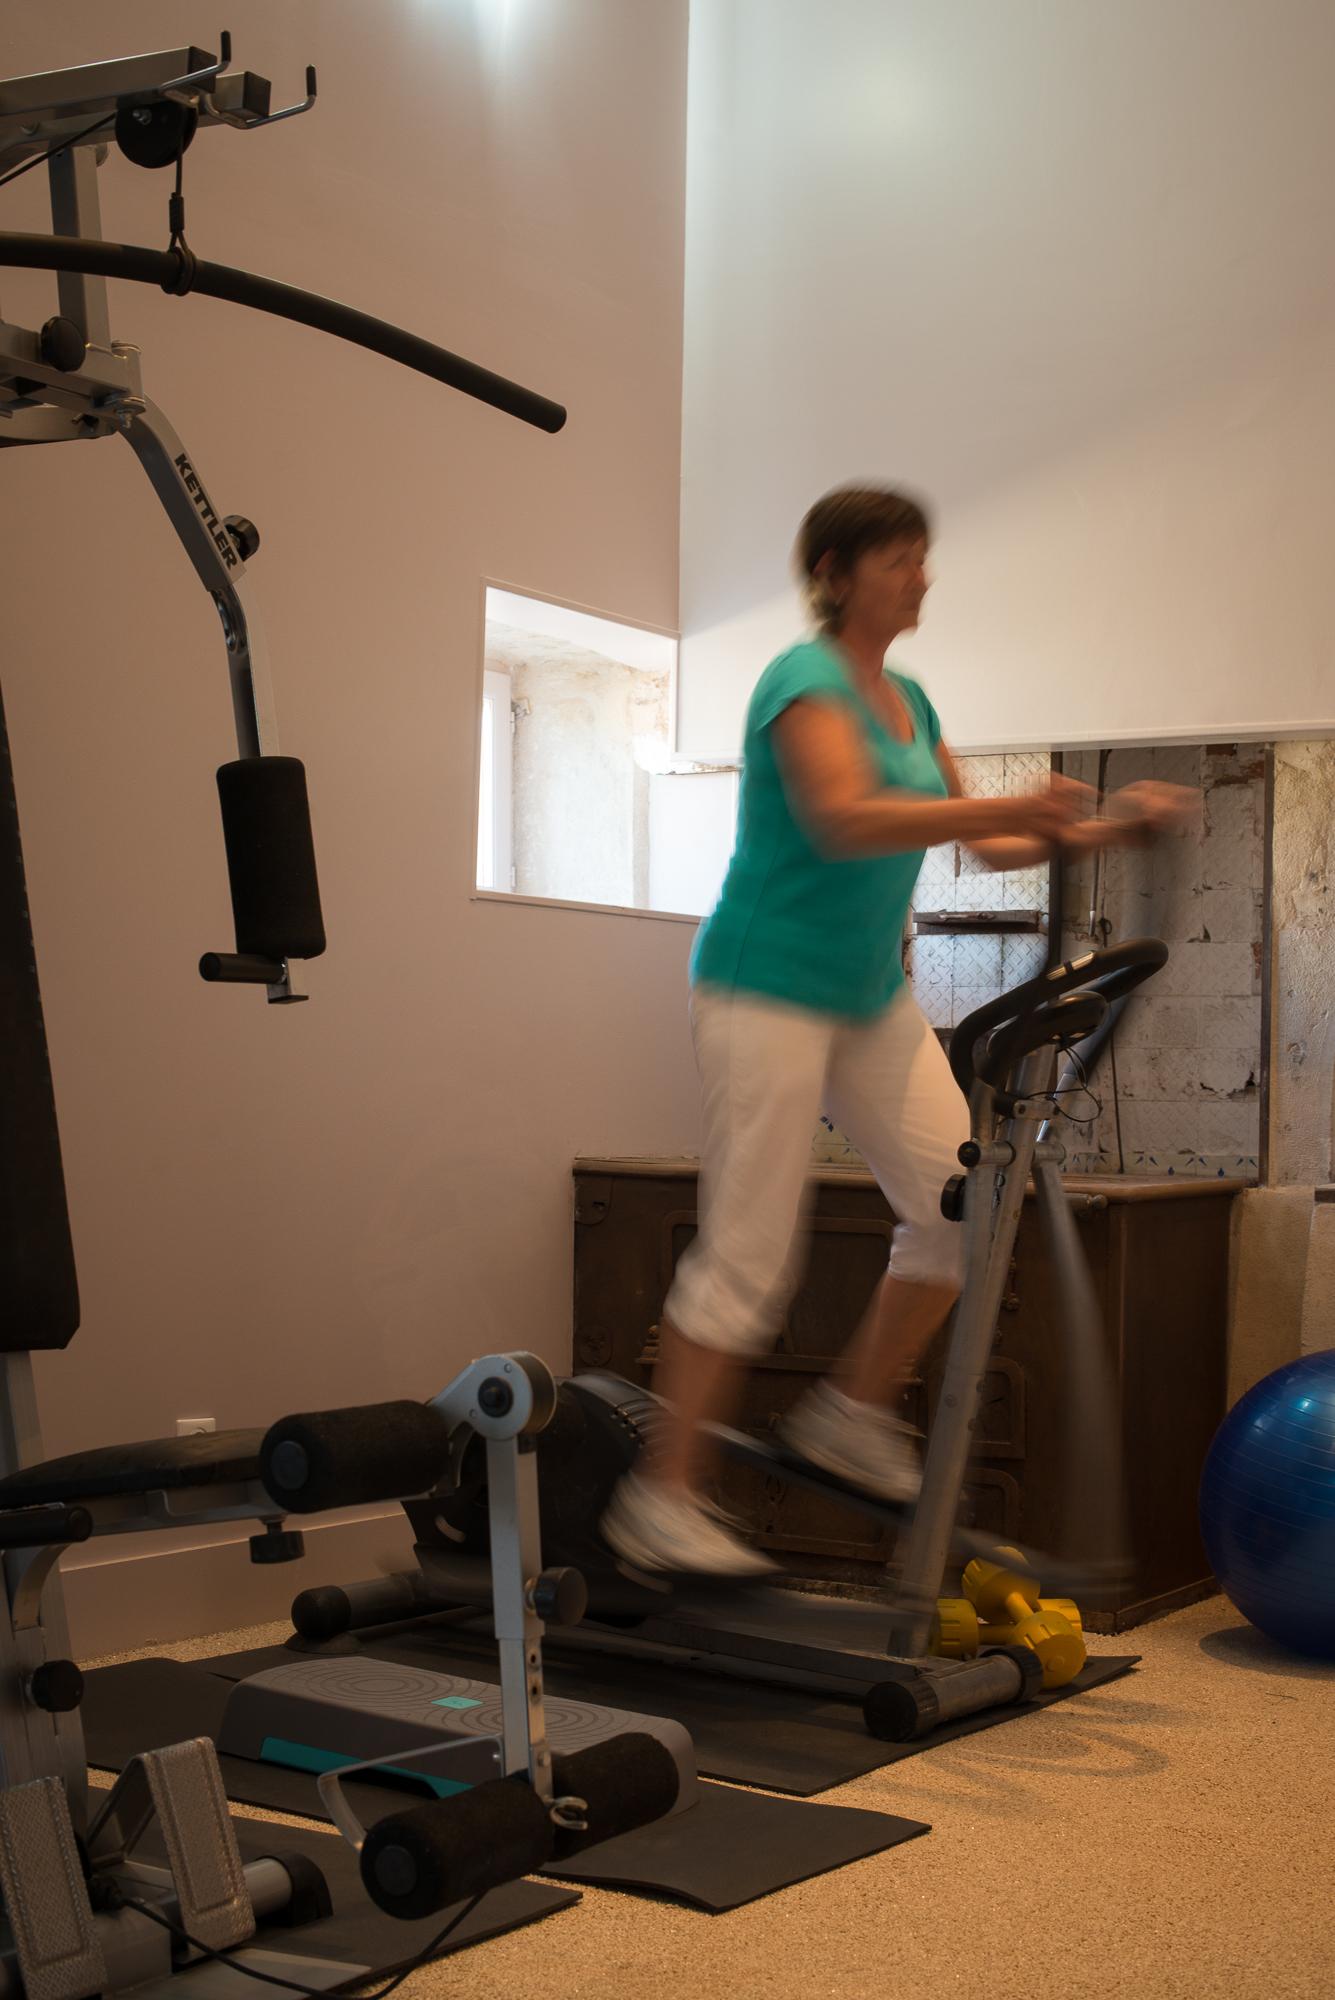 Salle de fitness dans le château - CHÂTEAU DE TAILLY©MICHEL JOLY